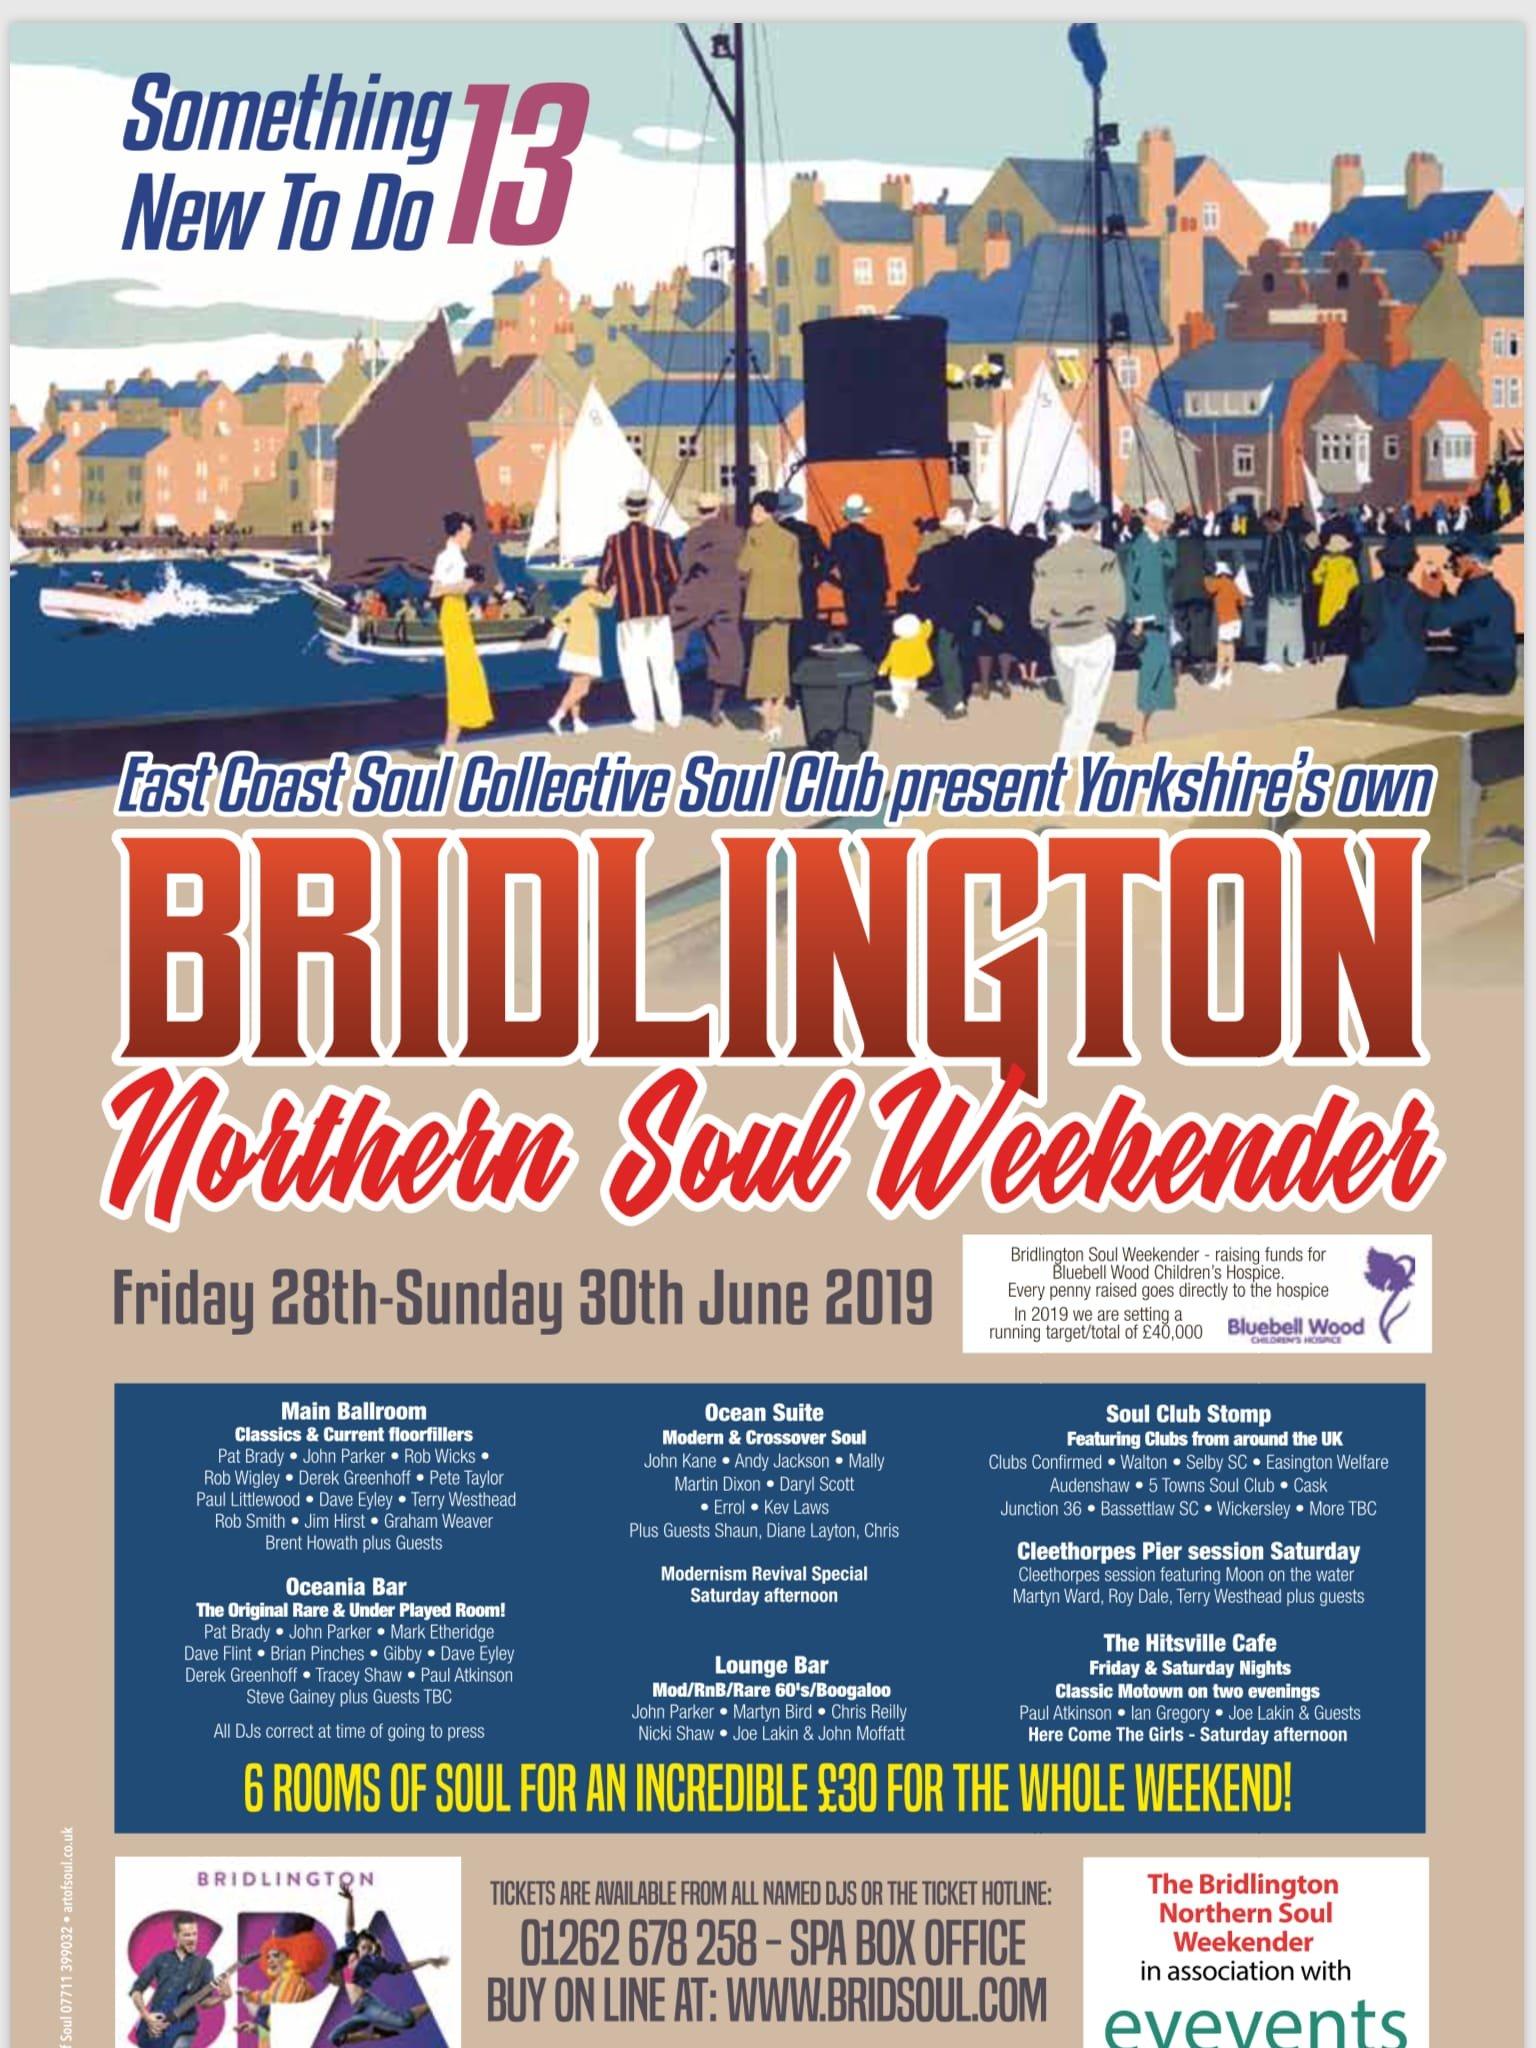 c820e53dc4 Bridlington Spa Northern Soul Weekender #13 - Weekenders | Soul Source